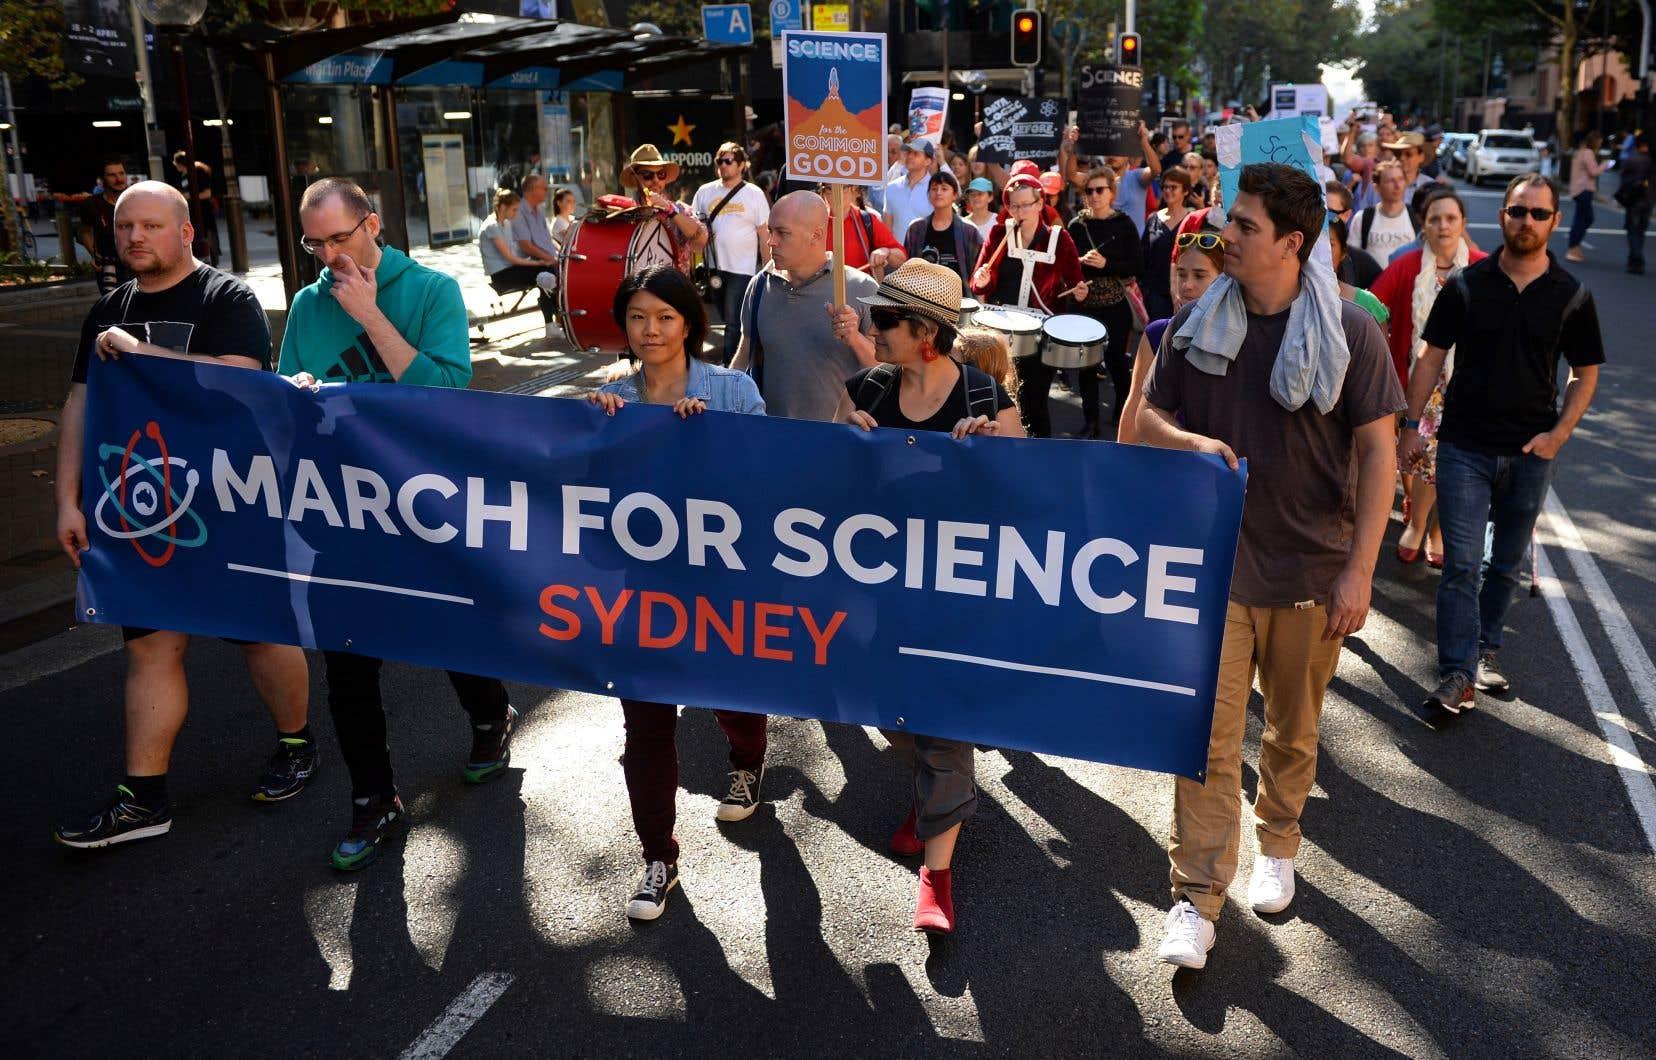 La Marche pour la science, qui se déroulera dans plusieurs pays, vise à faire contrepoids au contexte de désinformation scientifique, des «faits alternatifs» ou fausses nouvelles, précise les auteurs.